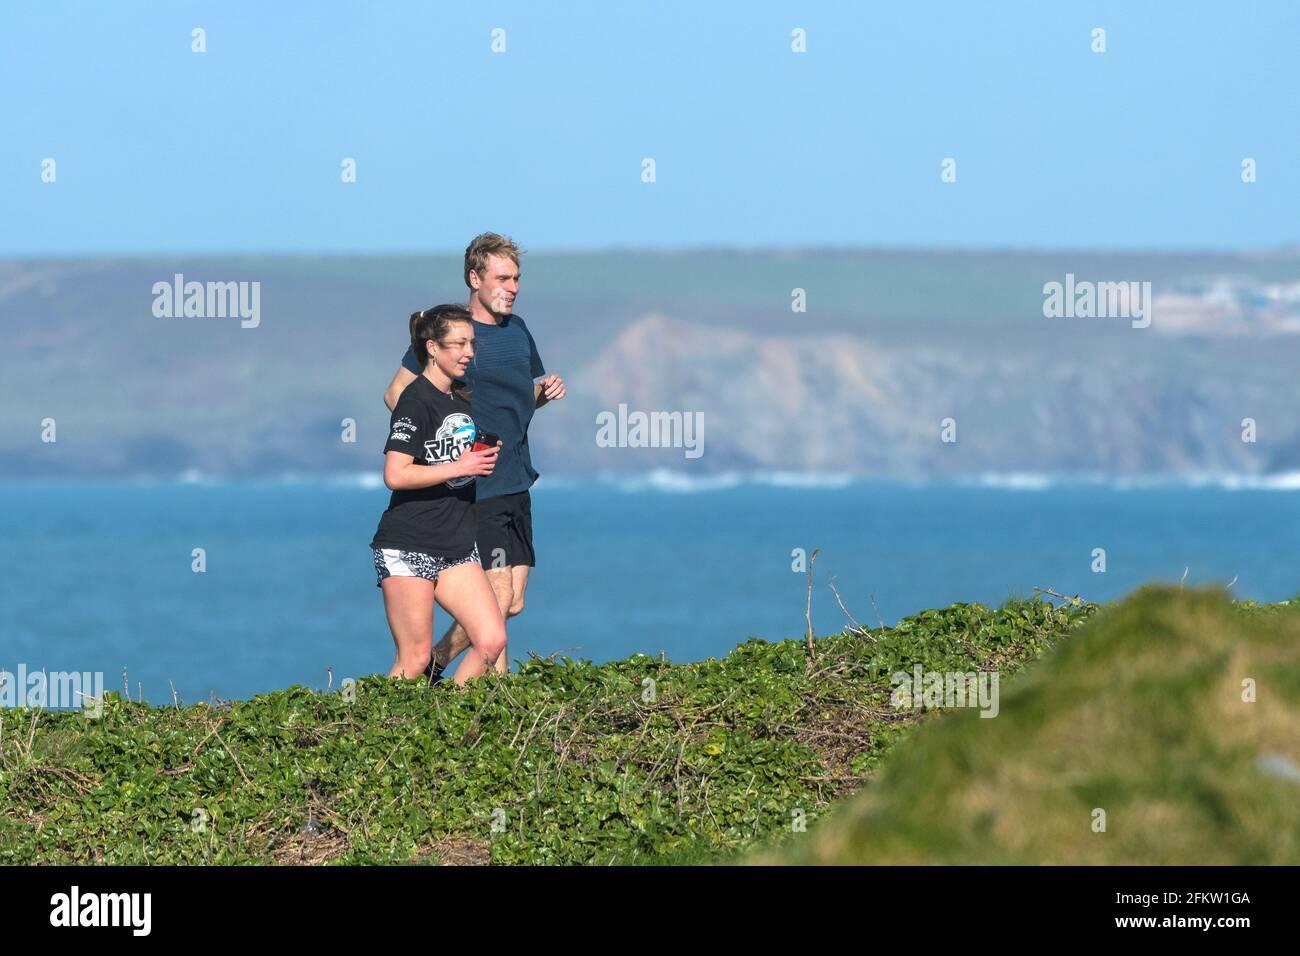 Un coureur mâle et un coureur femelle sur le sentier côtier de Newquay, en Cornouailles. Banque D'Images